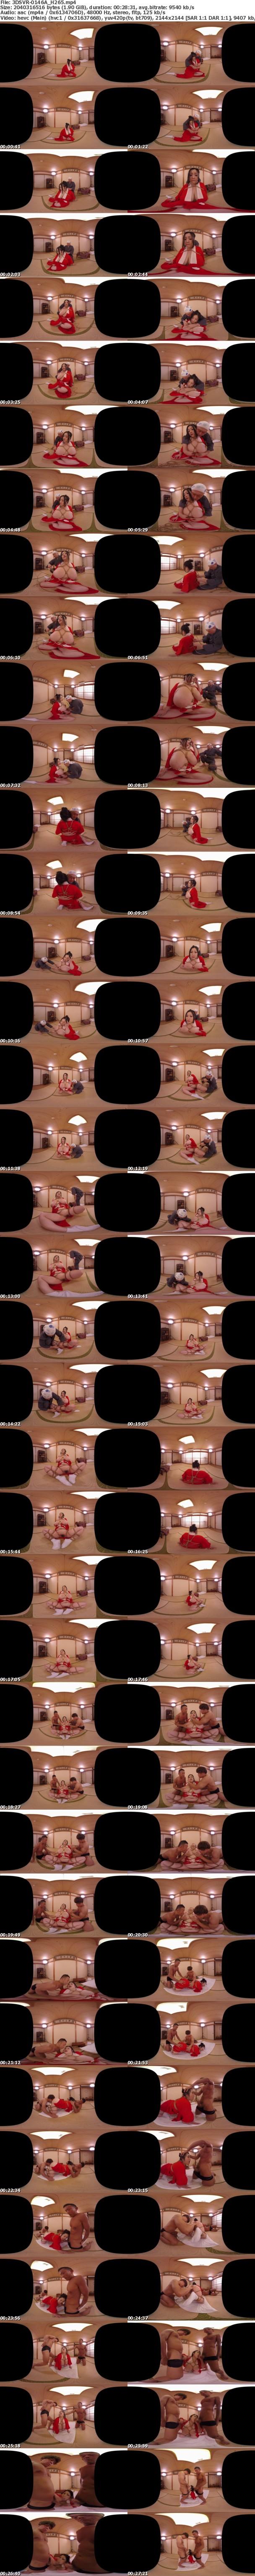 VR/3D 3DSVR-0146 【VR】芸能人グラビアアイドル 爆乳Jカップ緊縛3P中出しセックス